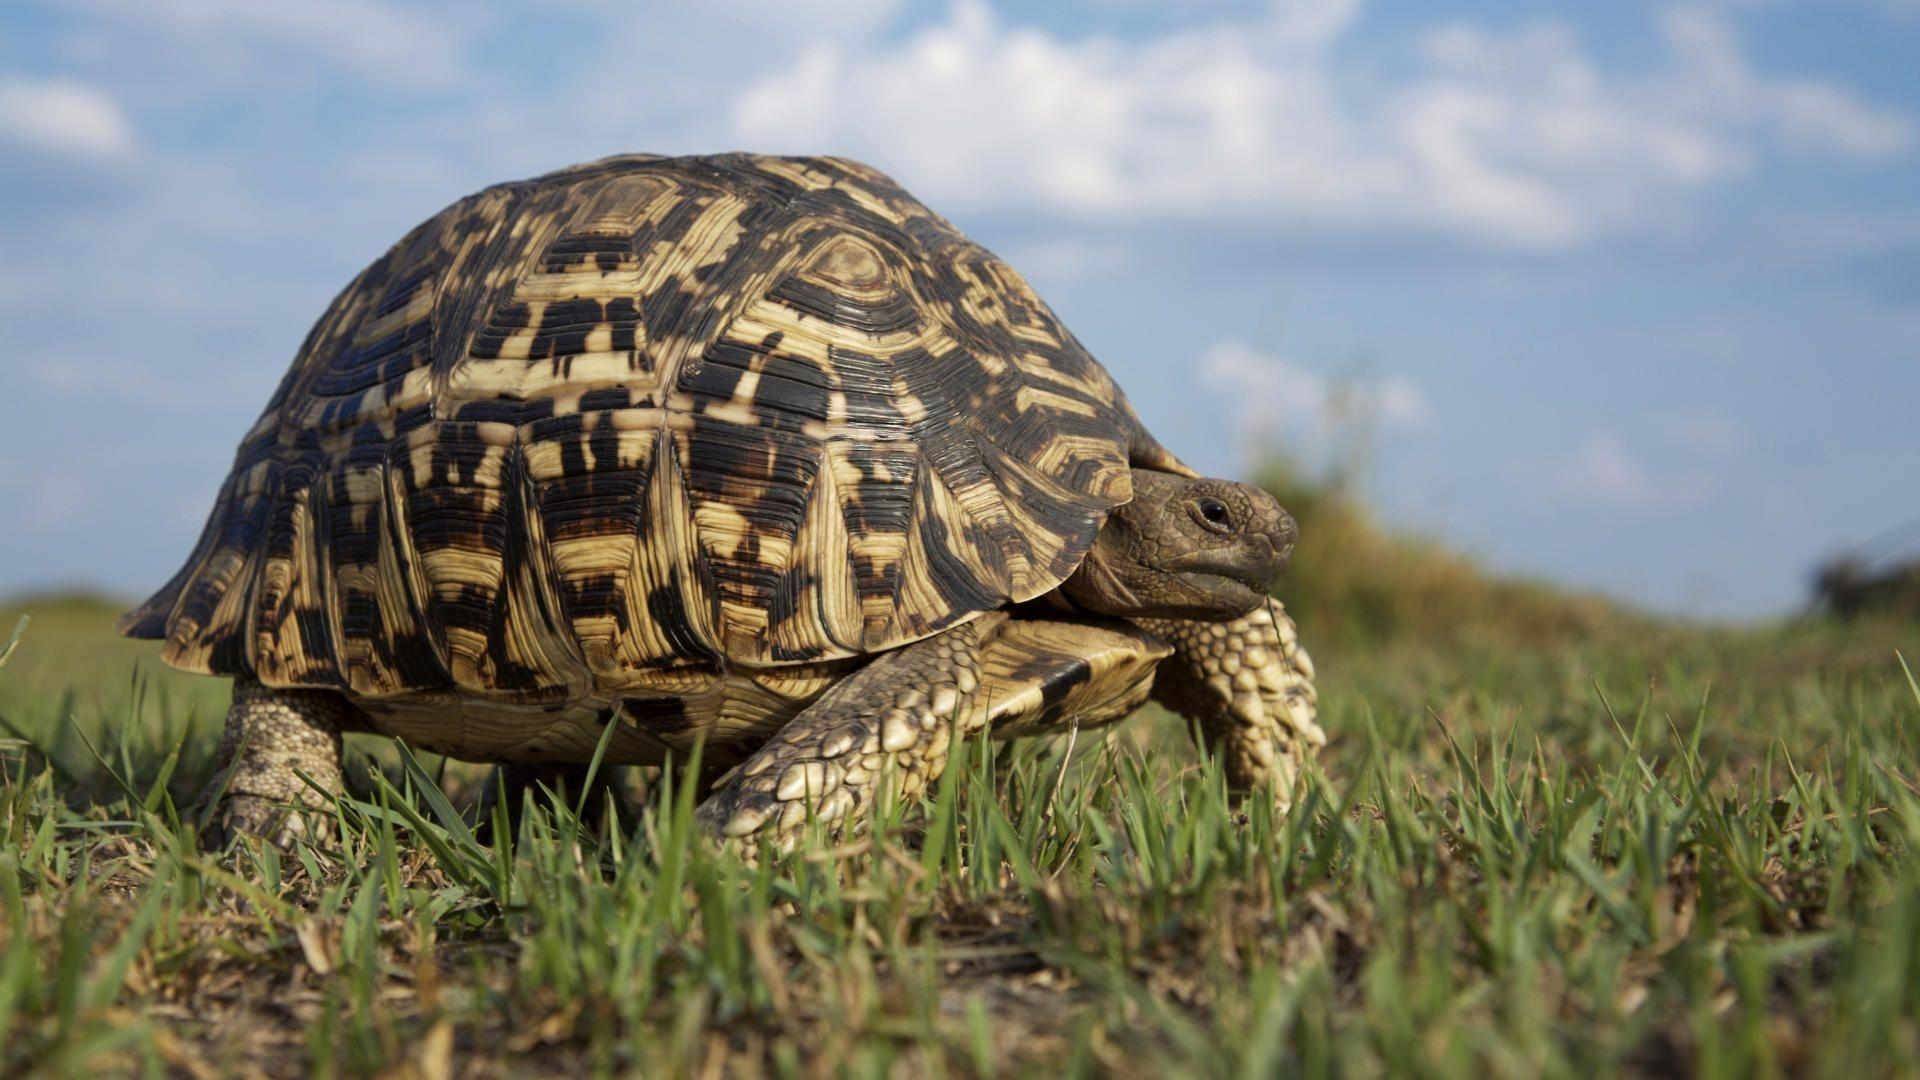 Turtle walks wallpaper download Turtle walks Turtle walks hd 1920x1080